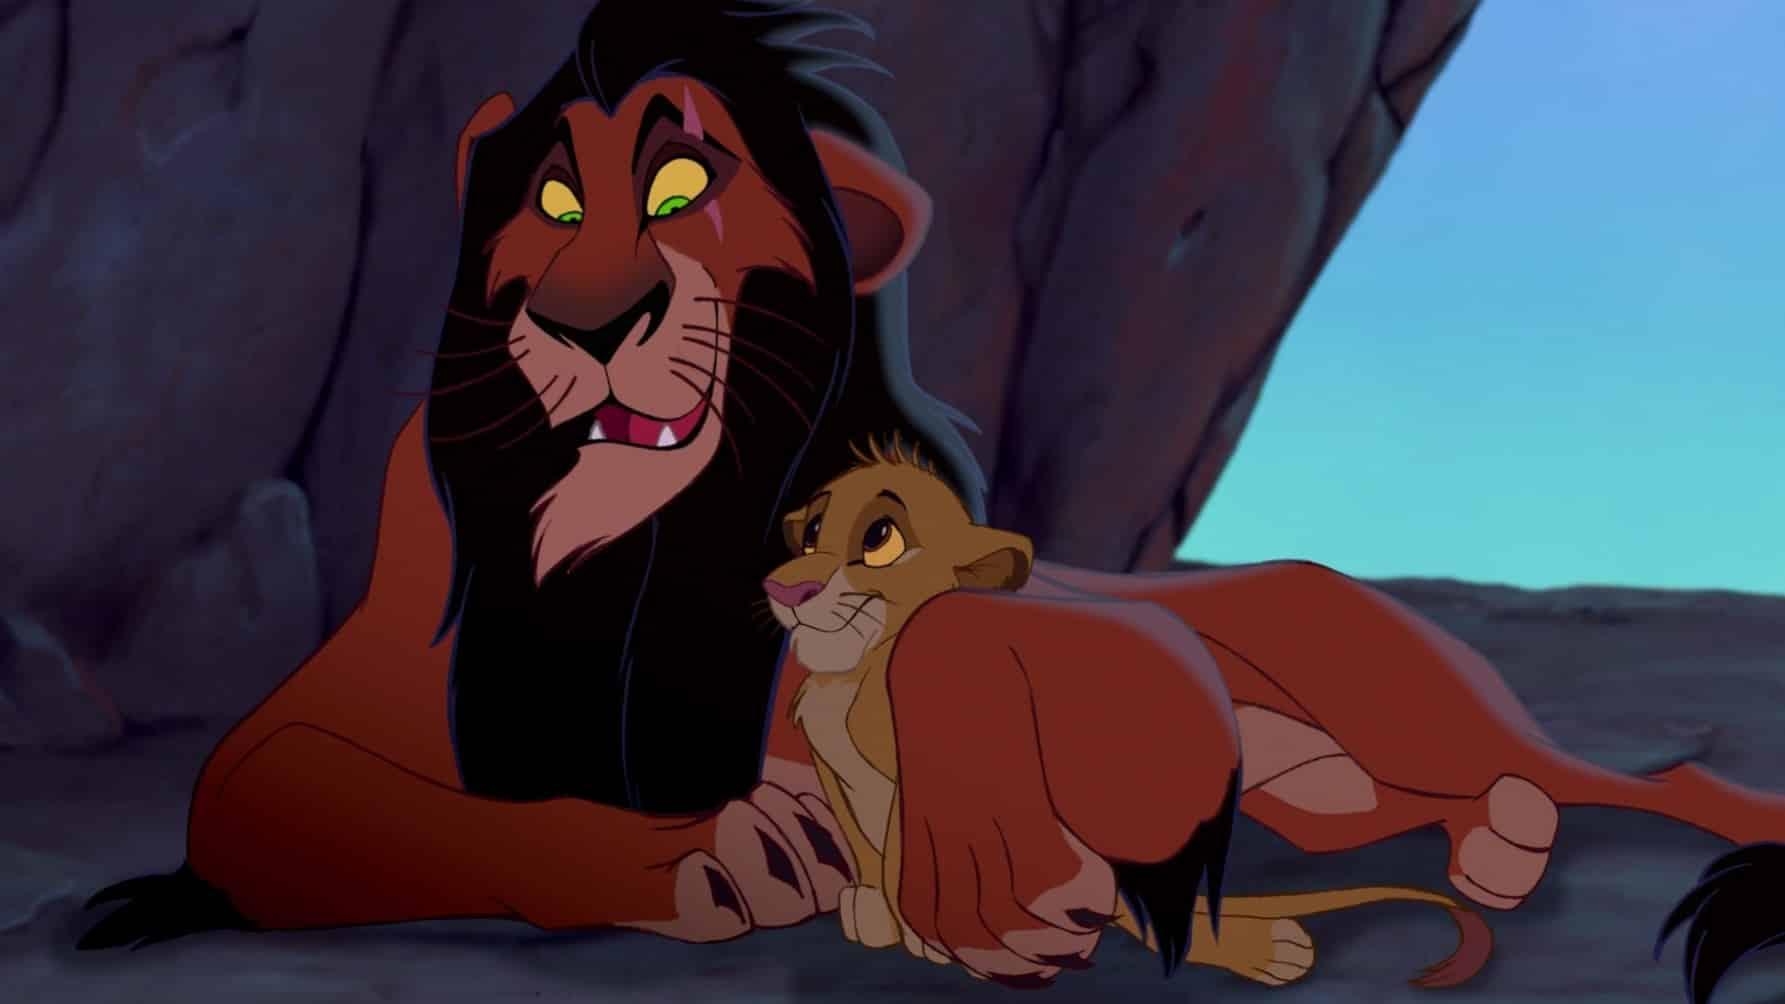 Scar (König der Löwen) – der schwule Onkel?